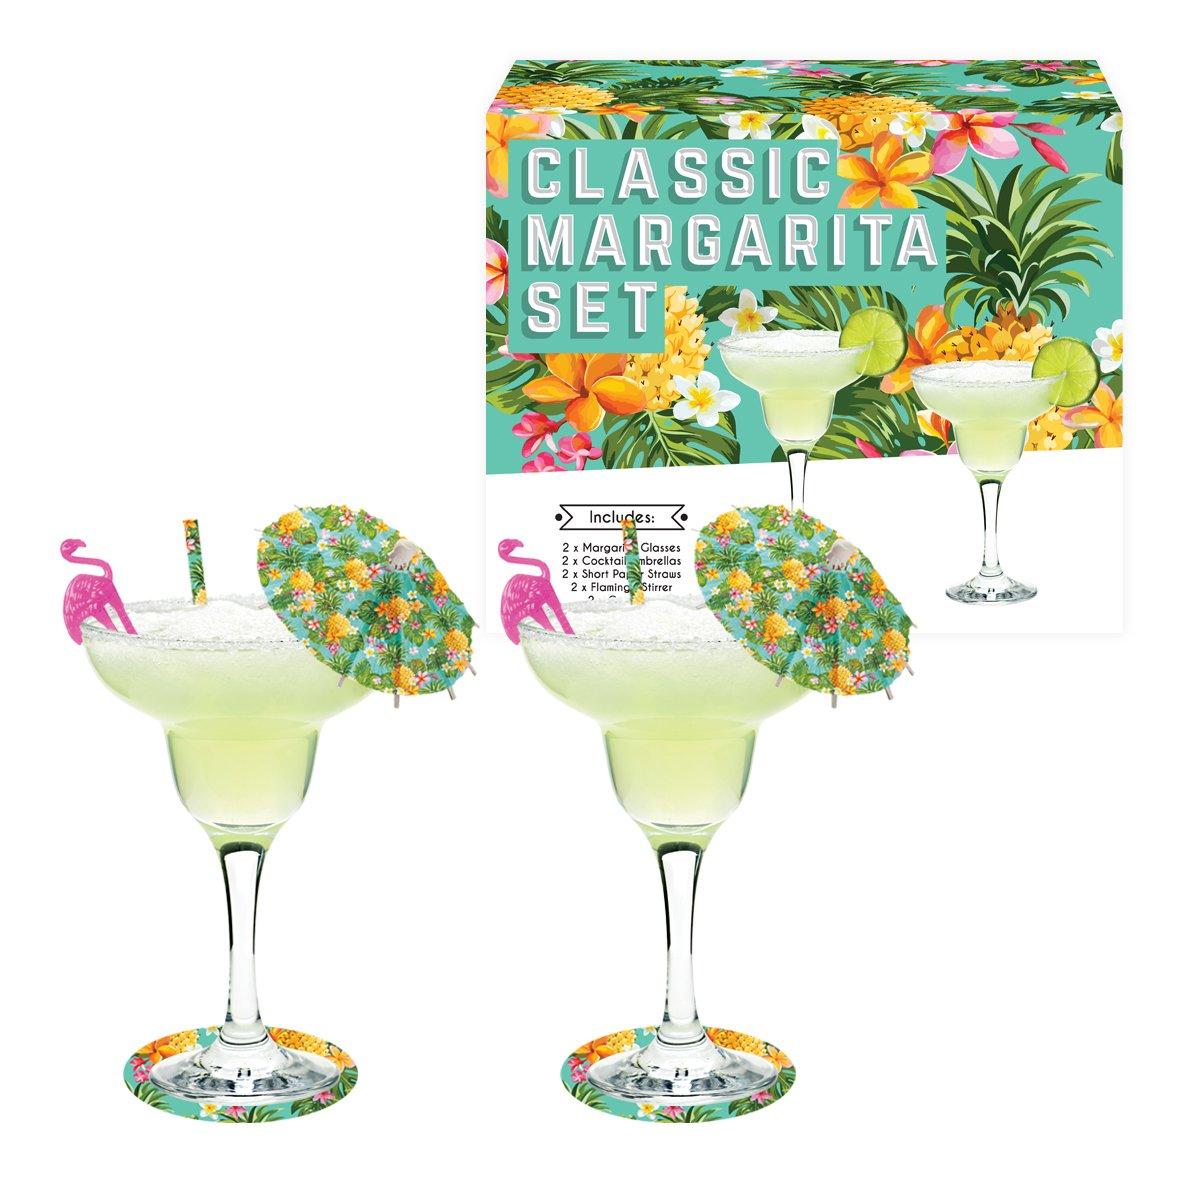 Vintage Kitchen Company Margarita Cocktail Glasses Gift Set, Transparent, Set of 2